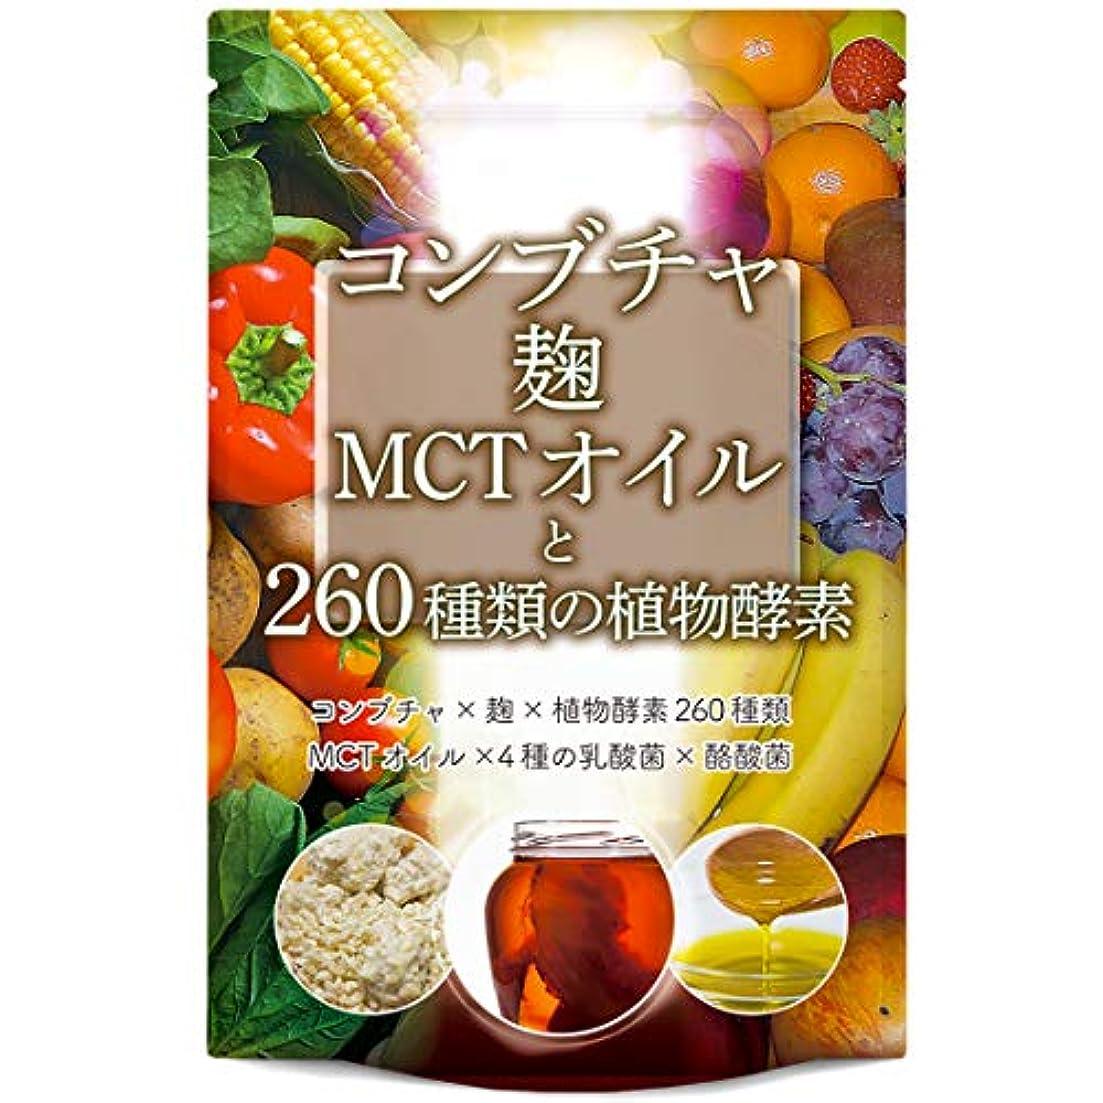 切り刻む検体礼拝コンブチャ 麹 MCTオイル 260種類の植物酵素 ダイエット サプリメント 30粒 30日分